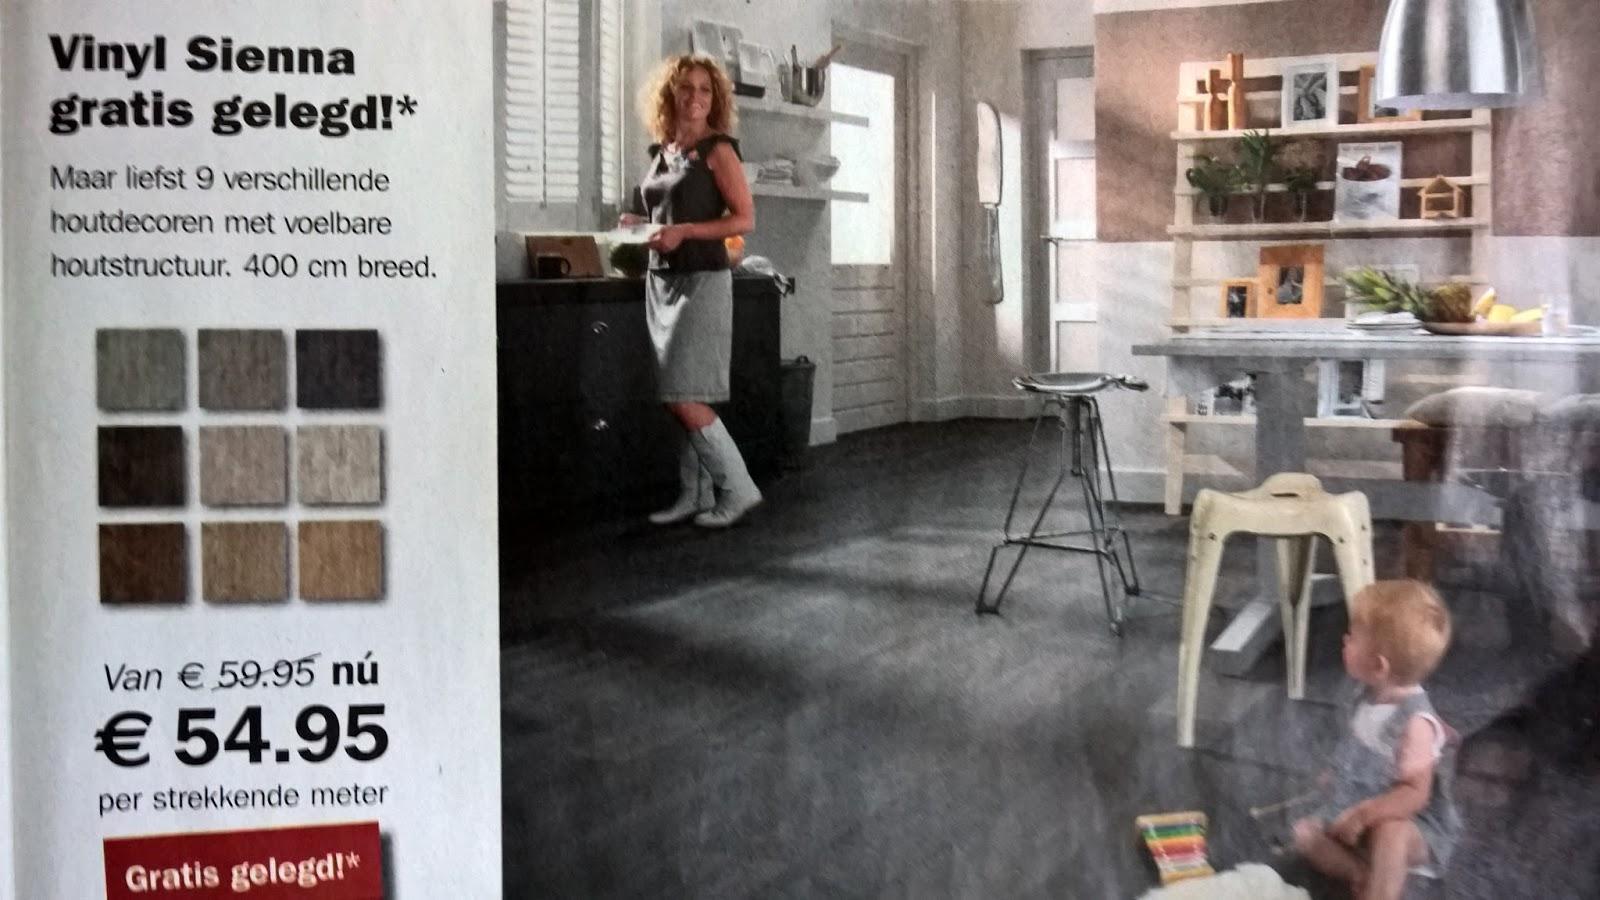 Vinyl vloerbedekking aanbieding vinyl vloerbedekking aanbieding